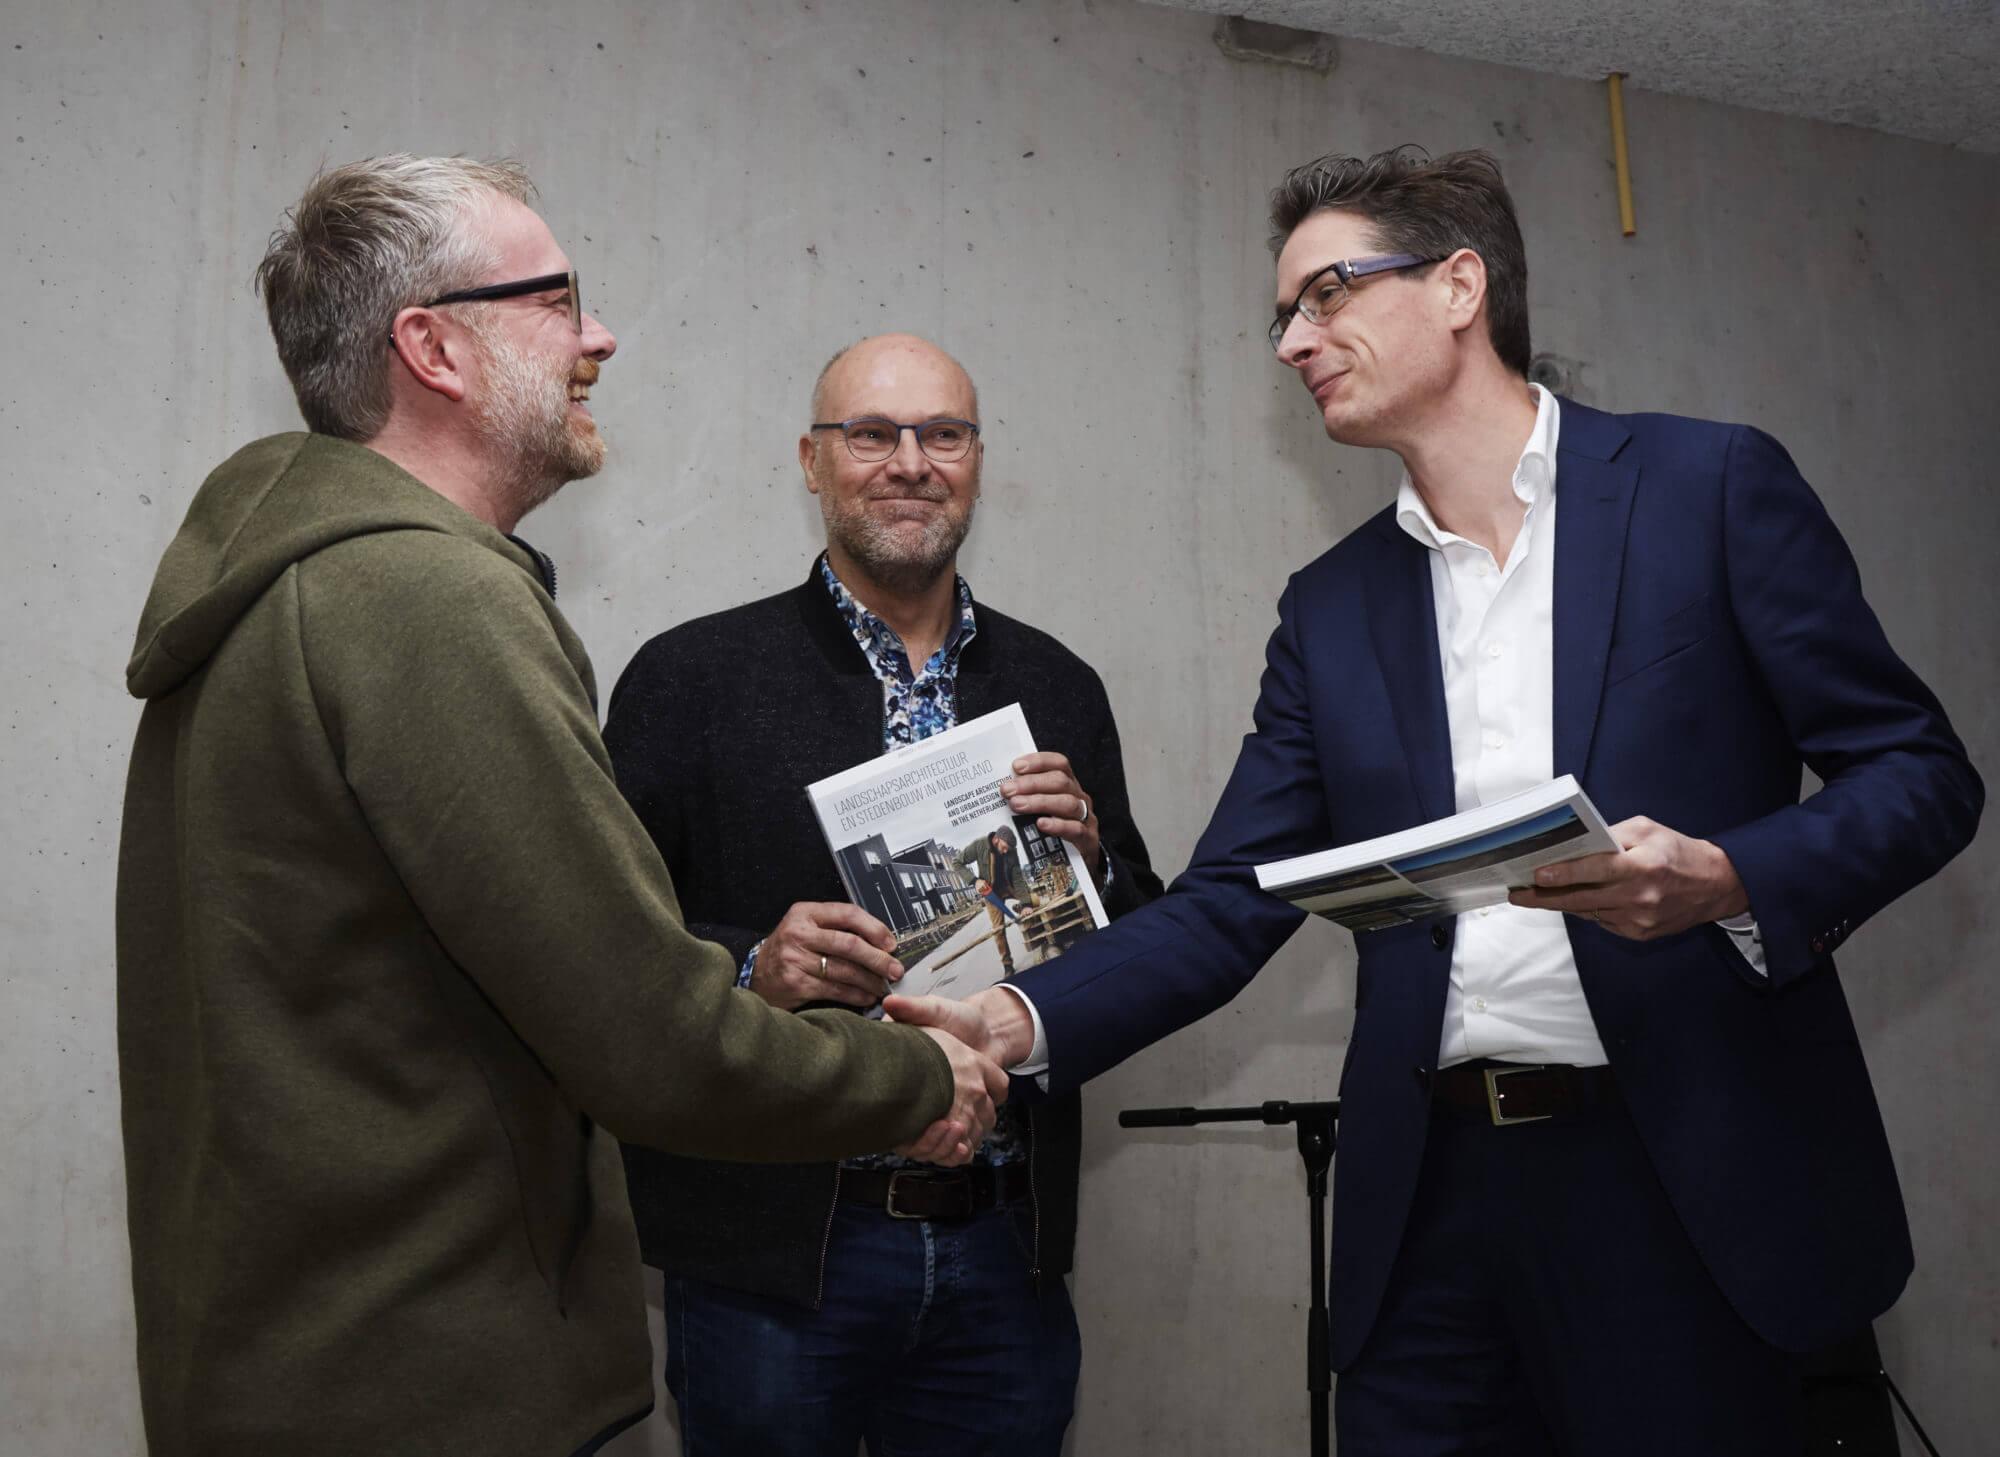 Eerste exemplaren jaarboek Blauwe Kamer 2017 worden overhandigd - foto door Christiaan Krouwels